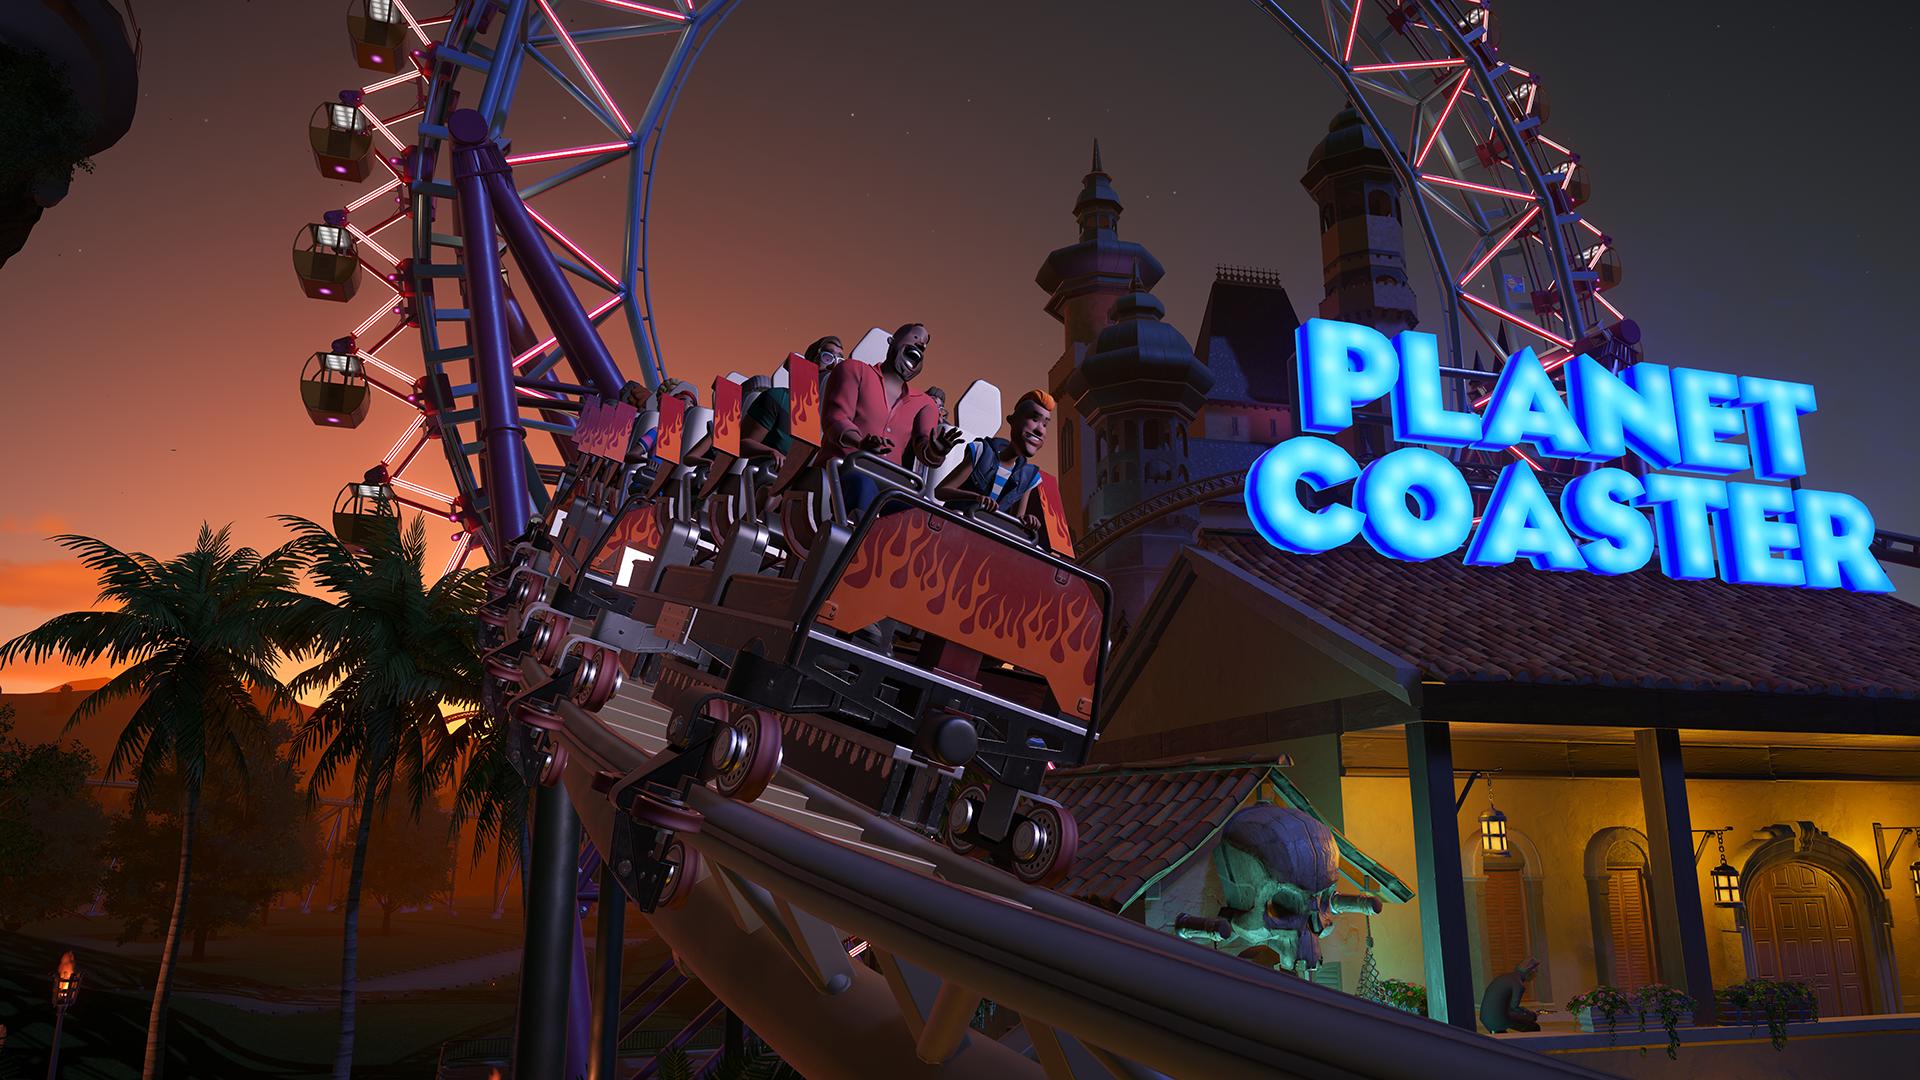 coaster at night